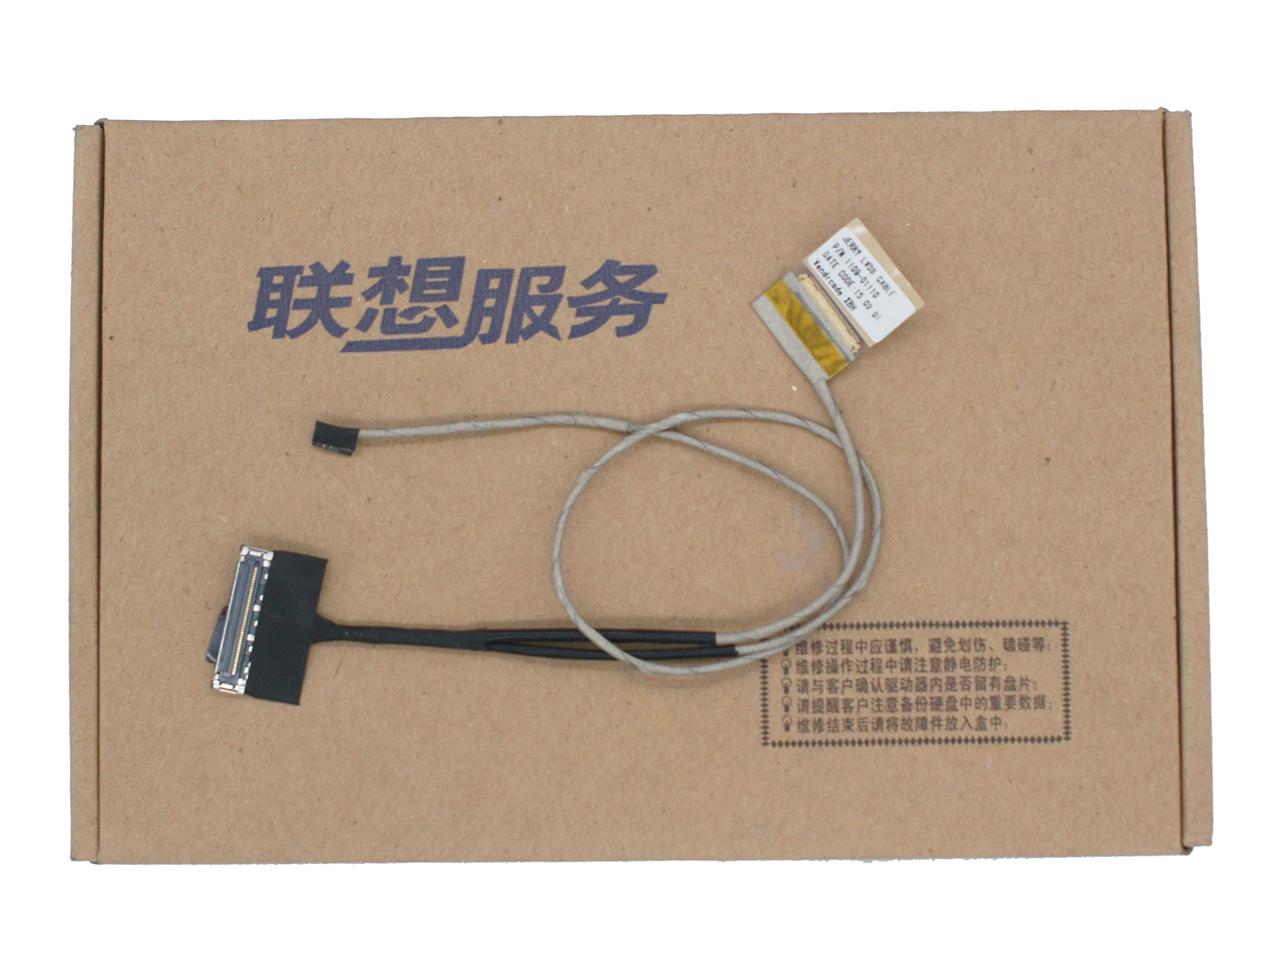 1109-01110海信Hisense Chromebook C11 LCD Display Screen Video Cable 屏线 排线 屏幕链接线